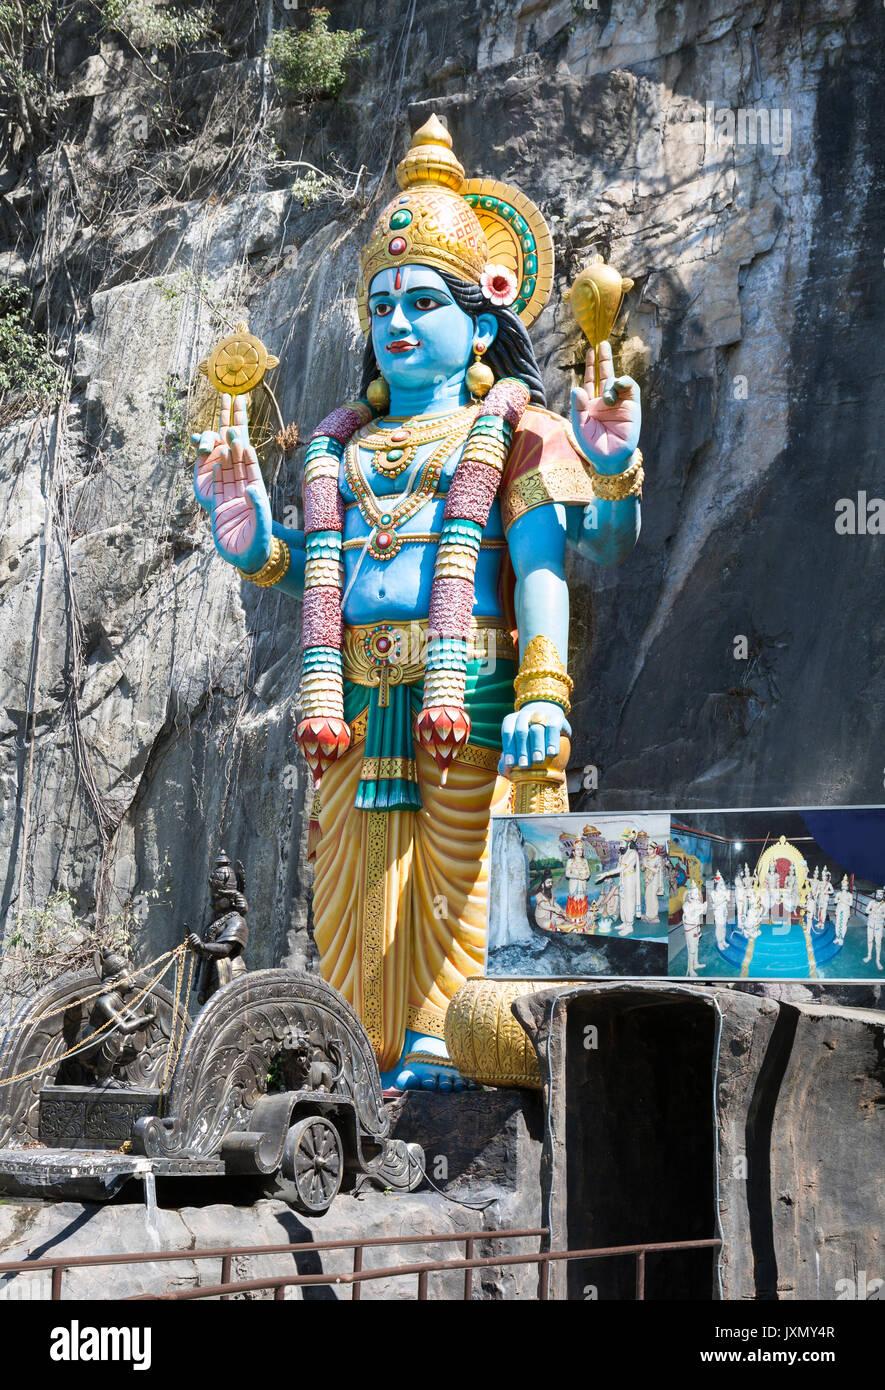 Statua di Krishna in ingresso alla grotta di Ramayana, Grotte Batu, Gombak Selangor, Malaysia Immagini Stock